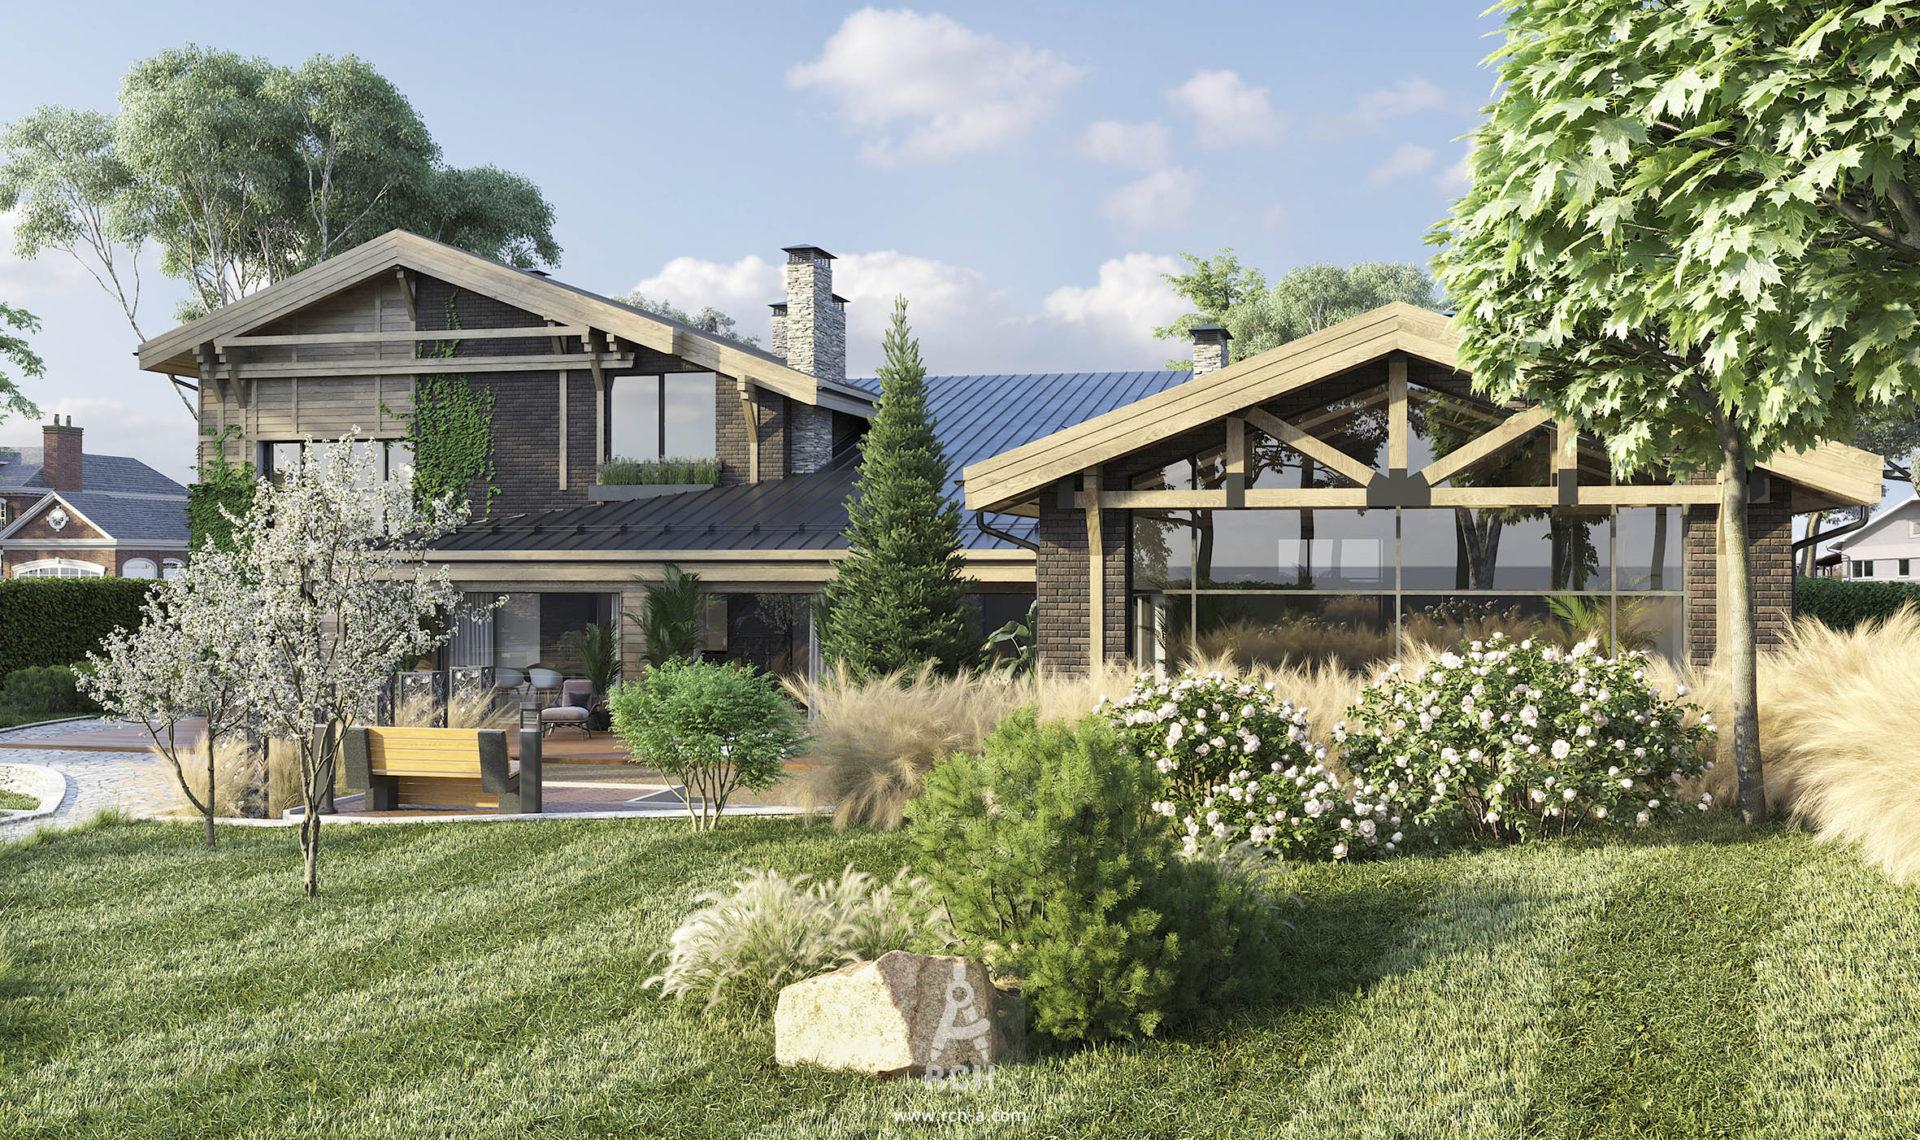 Проект дома в стиле современного шале с зоной СПА и бассейном